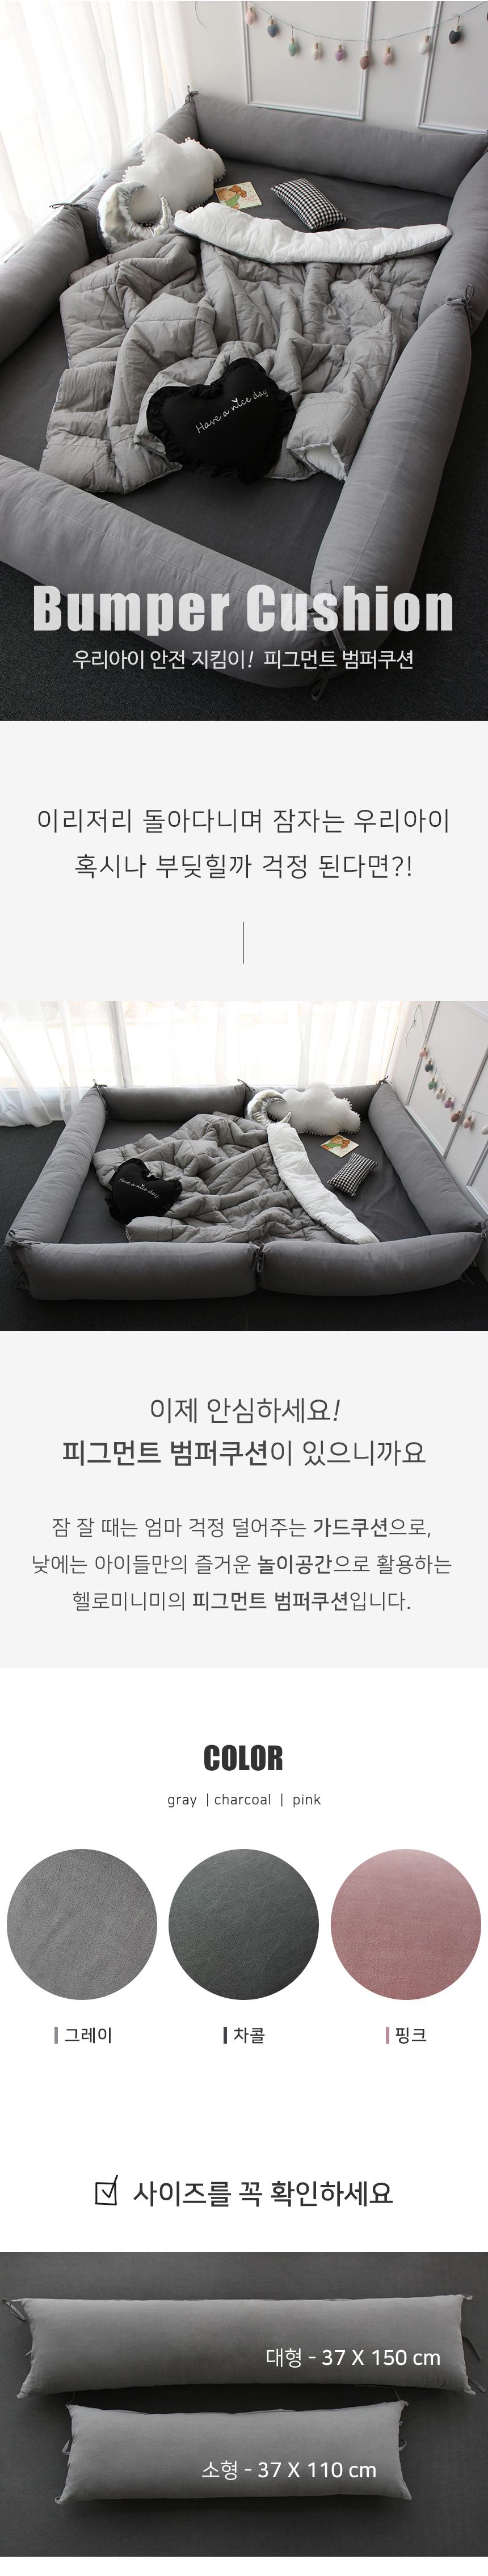 피그먼트 범퍼쿠션_차콜(커버만/37*110) - 헬로미니미, 16,900원, 가구, 침대/범퍼침대